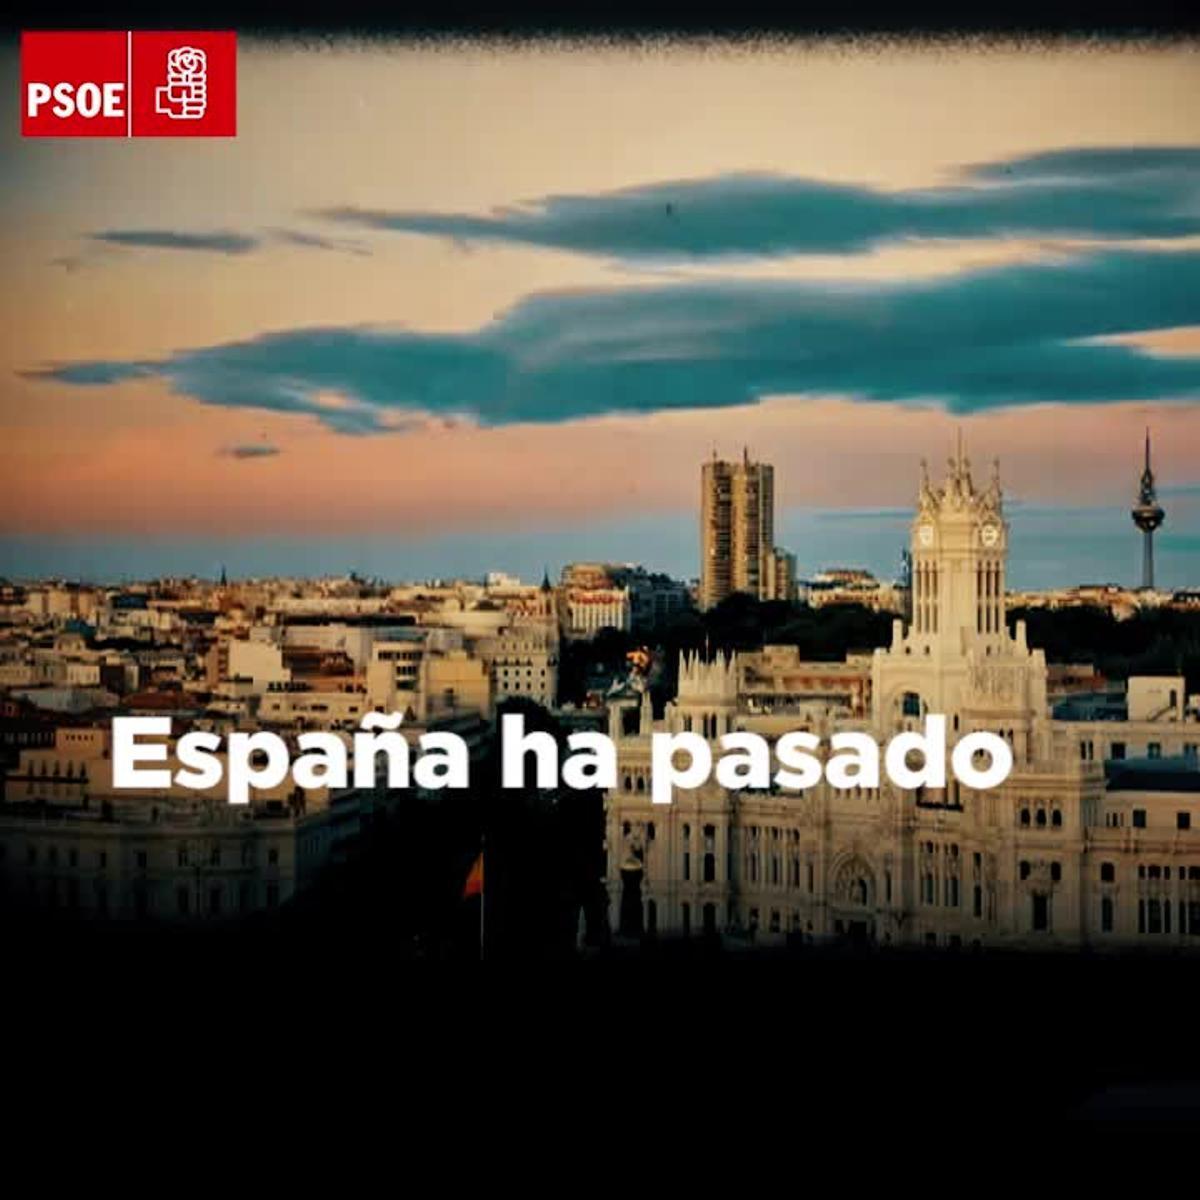 Vídeo de presentación del congreso del PSOE.